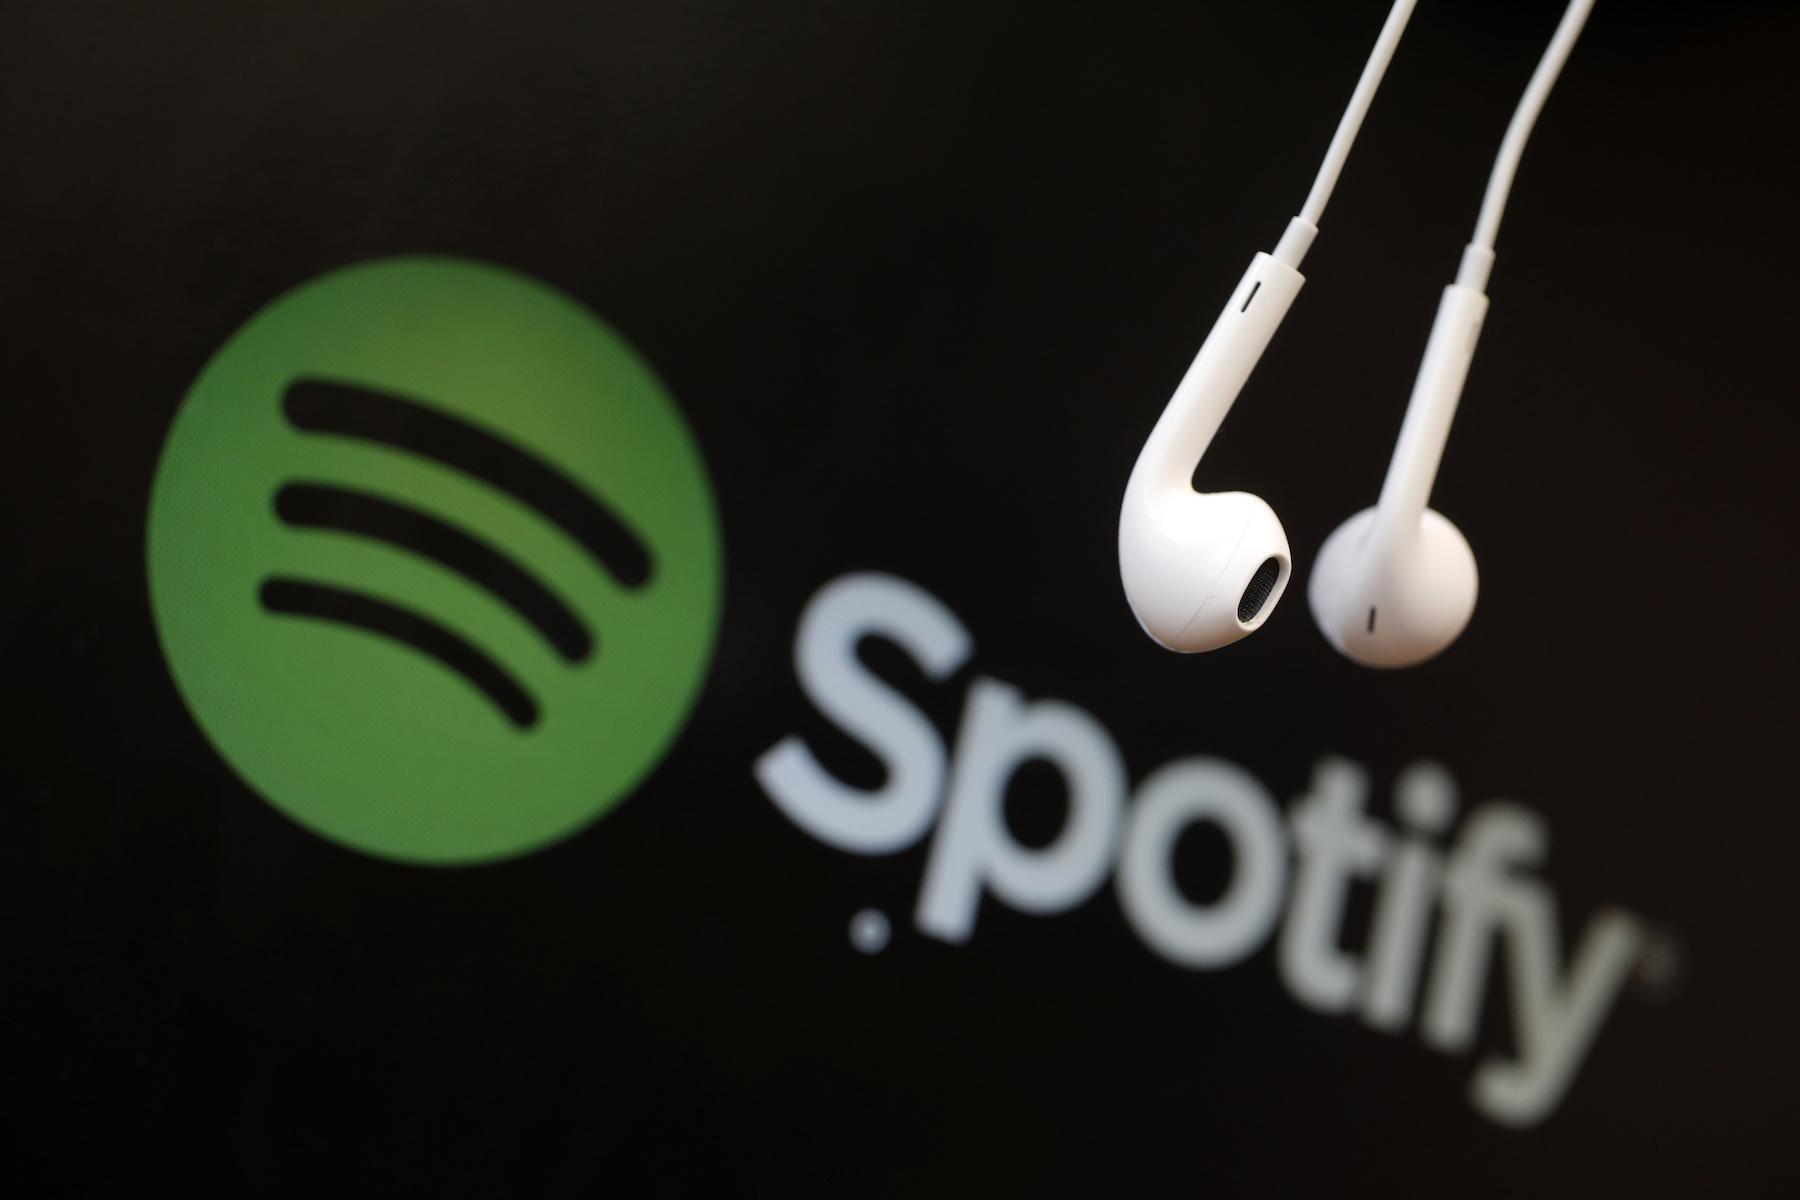 Problemas con Spotify